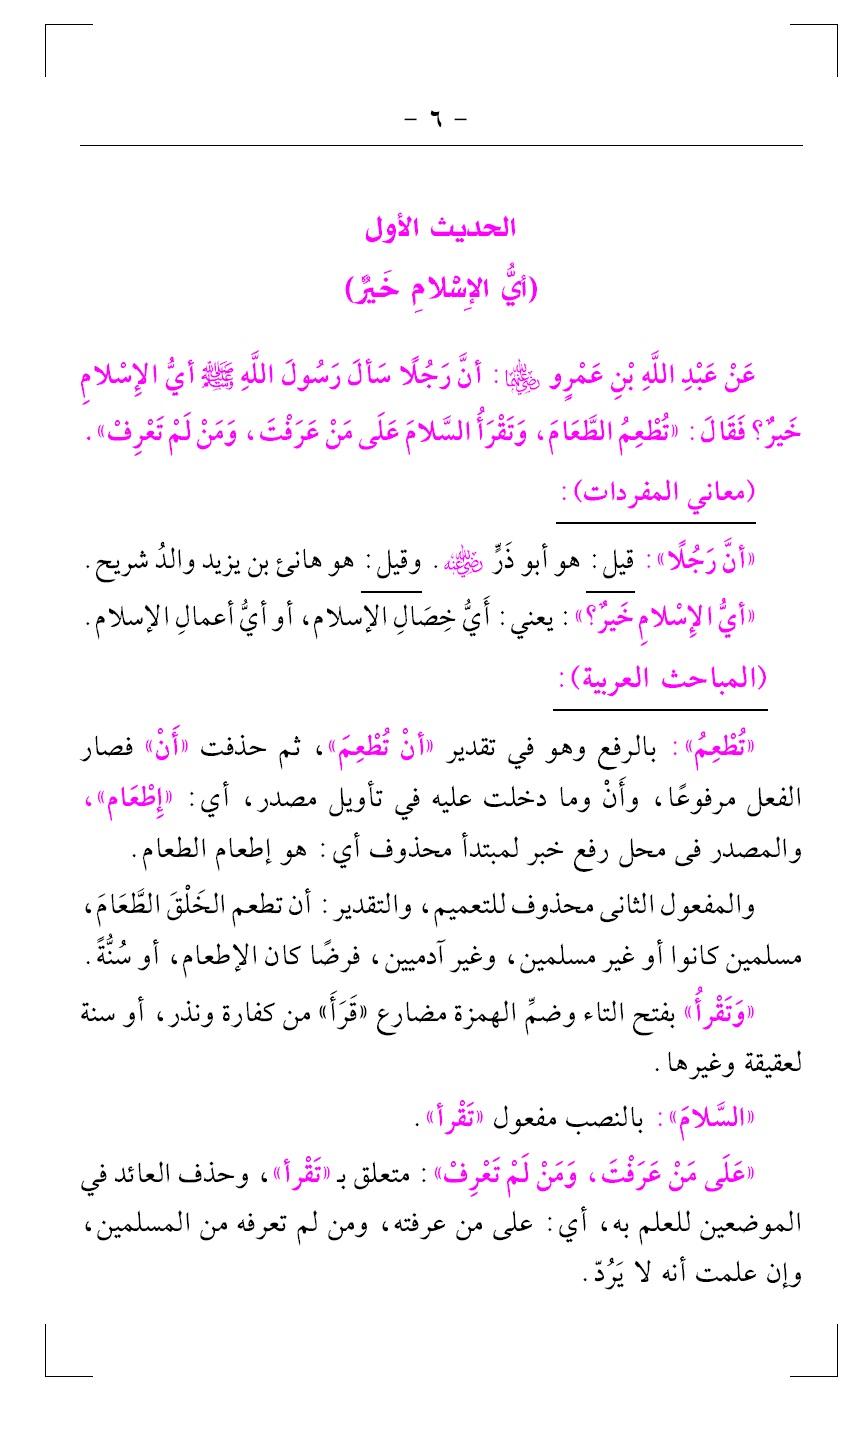 تحميل كتاب الثقافة الاسلامية المستوى الثالث pdf